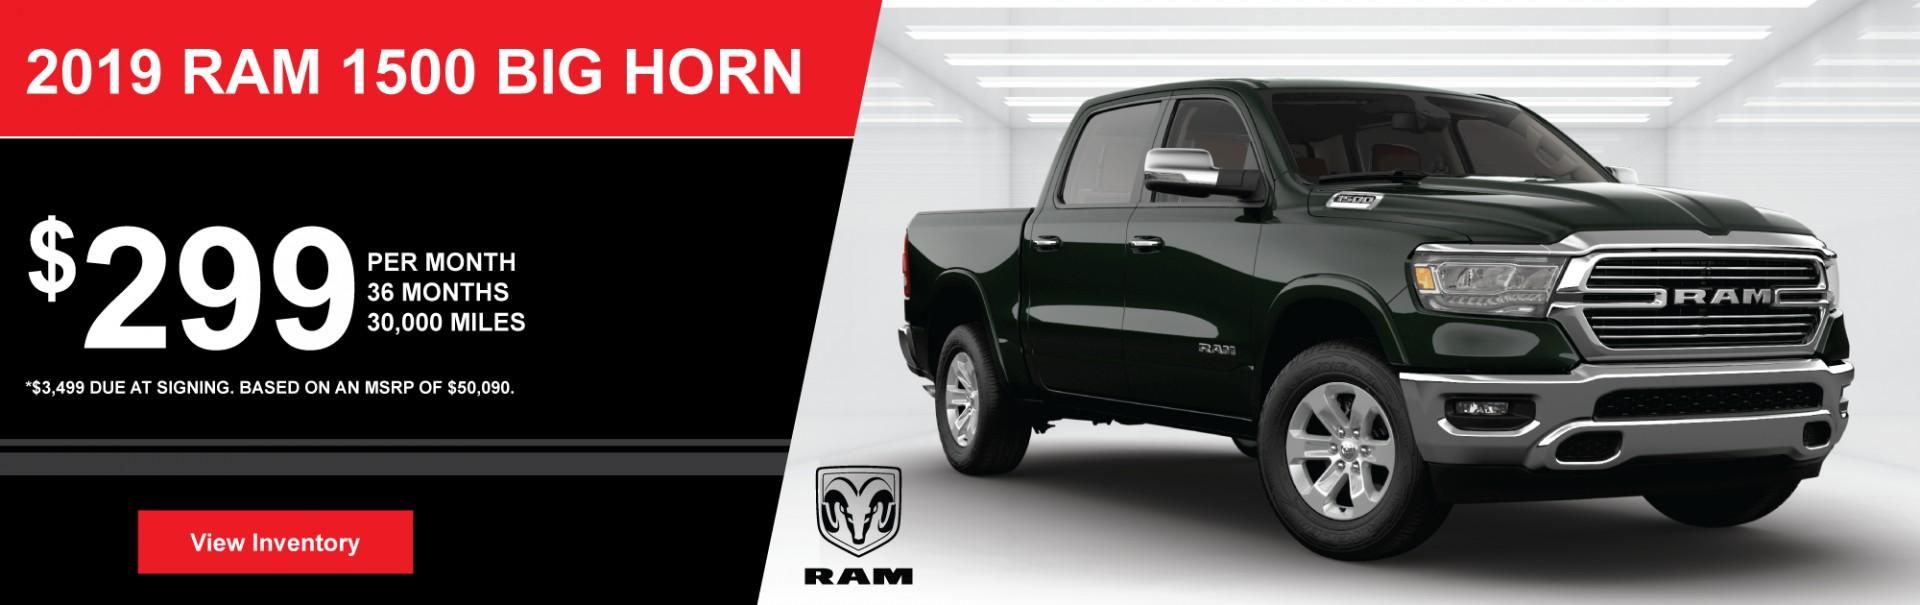 2019 RAM Big Horn